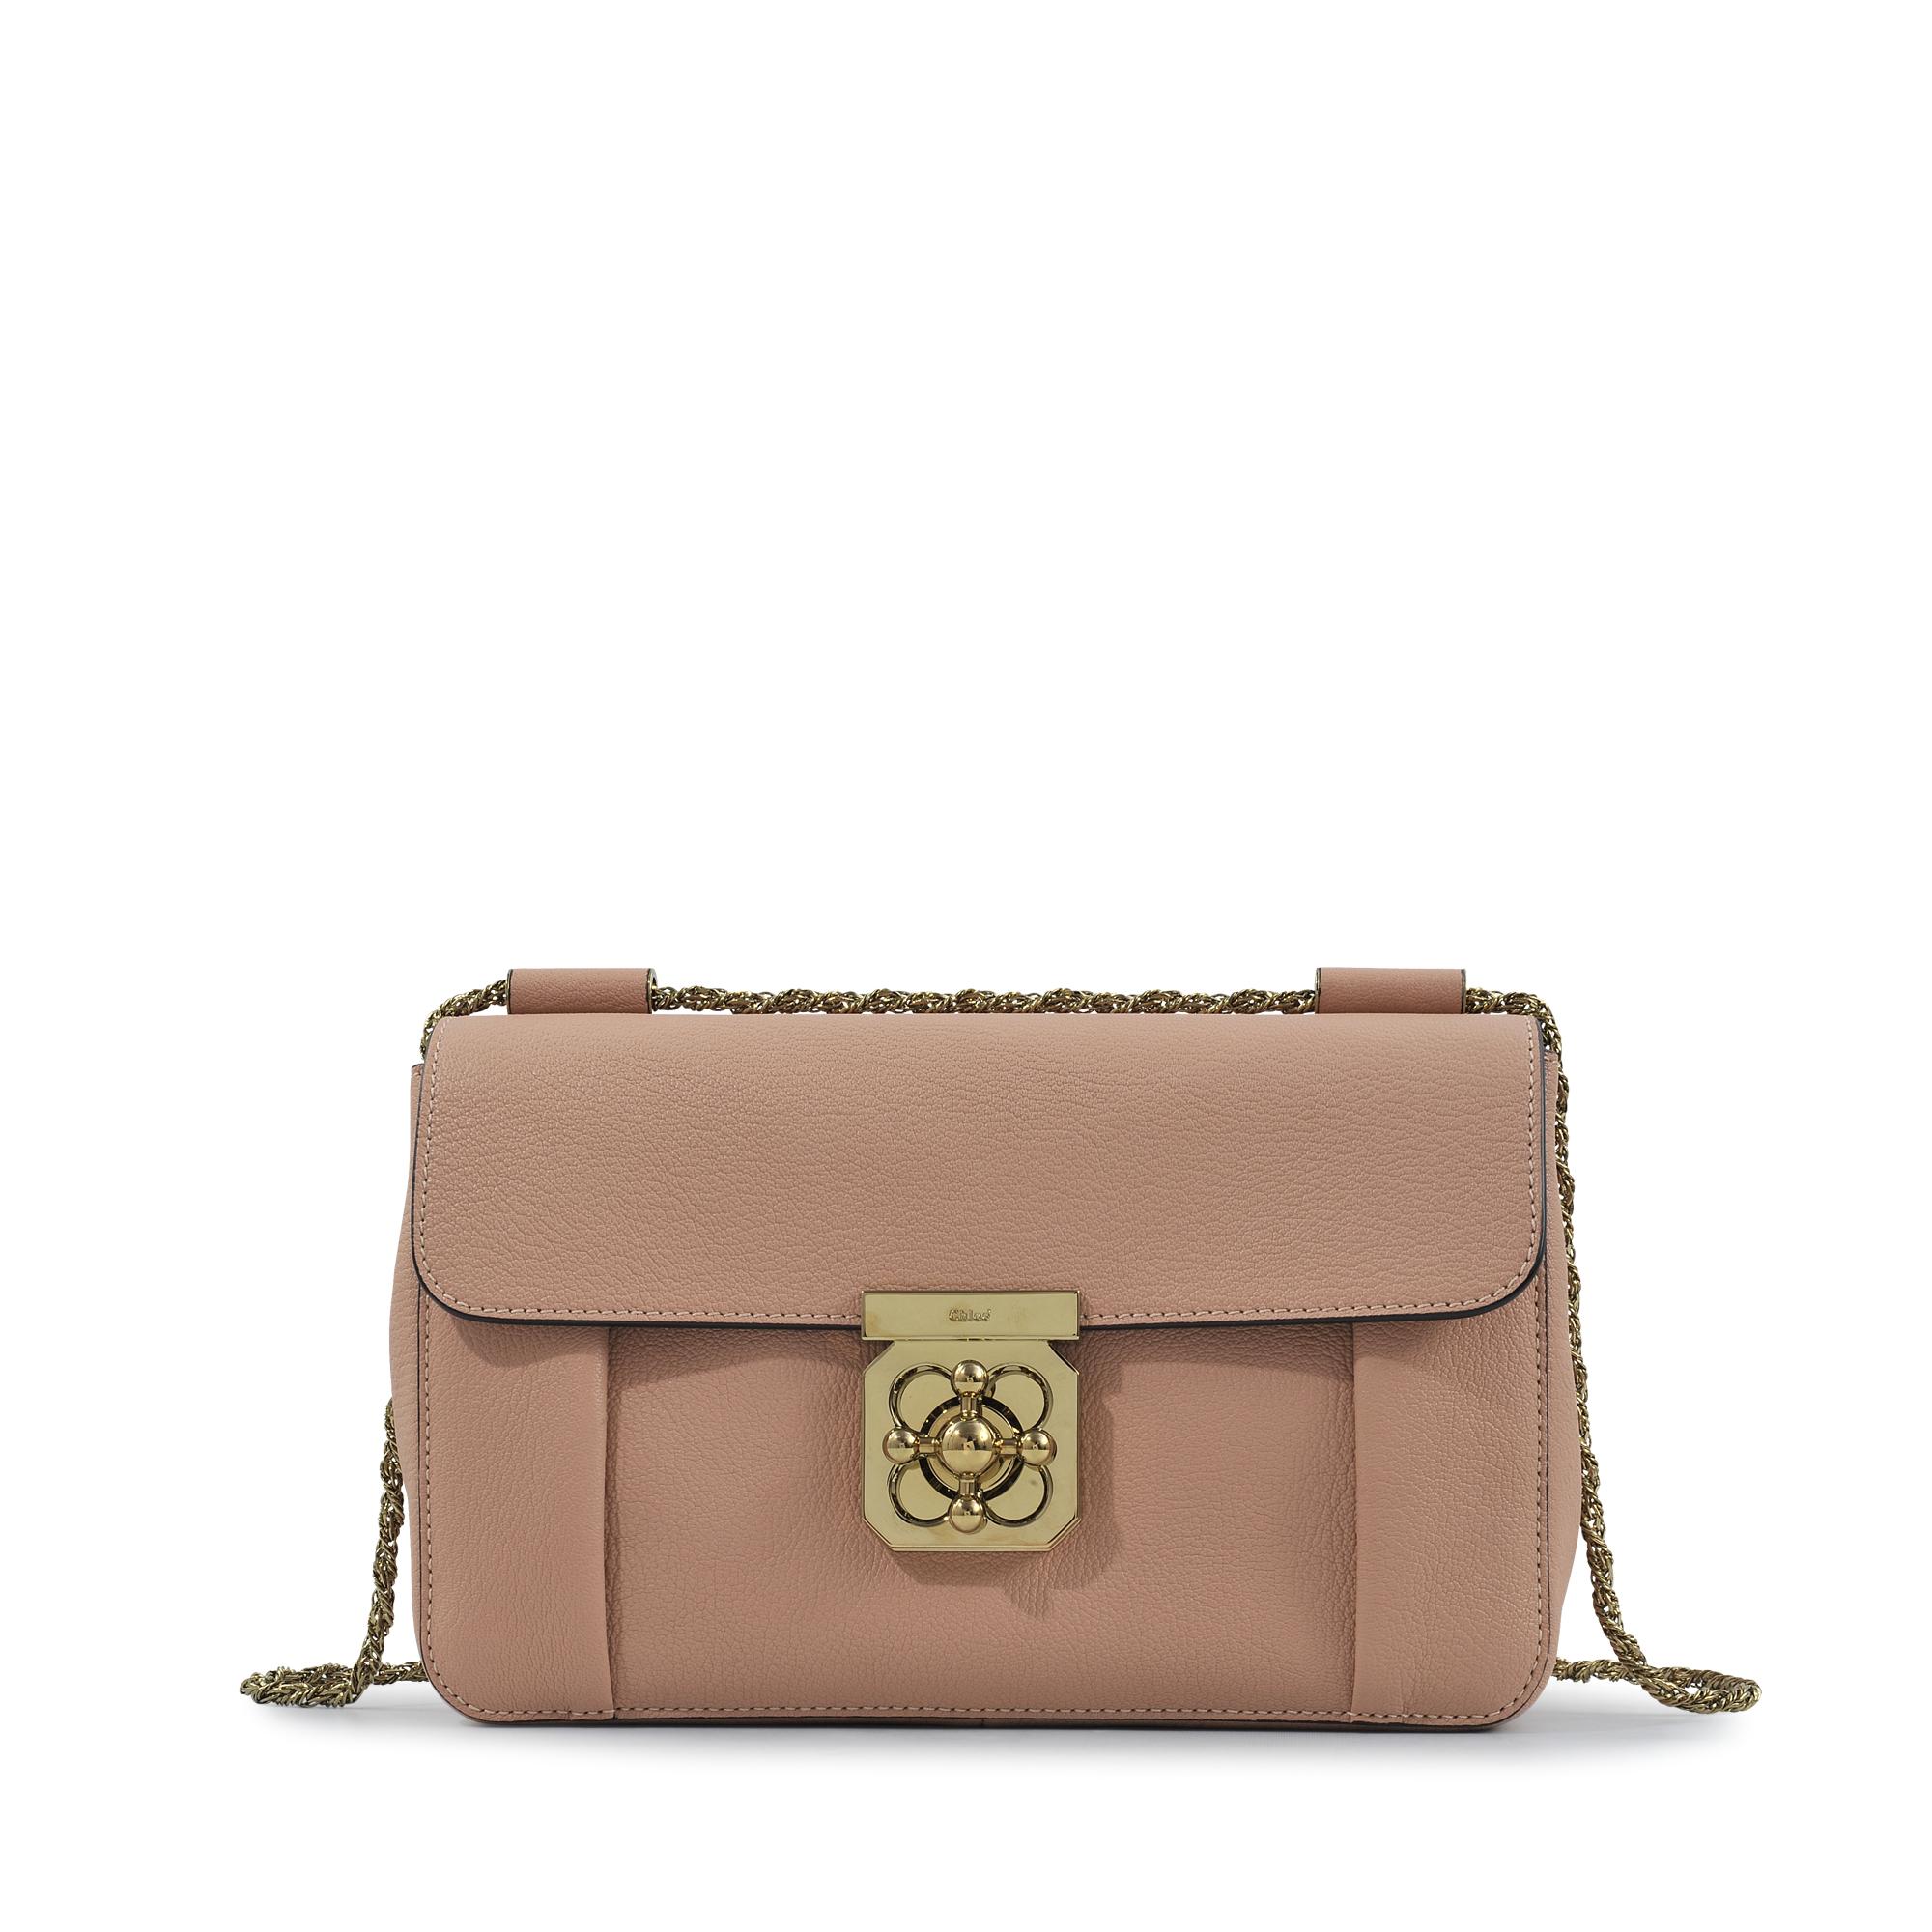 chloe red bags - chloe chain-link embellished shoulder bag, chloe outlet uk